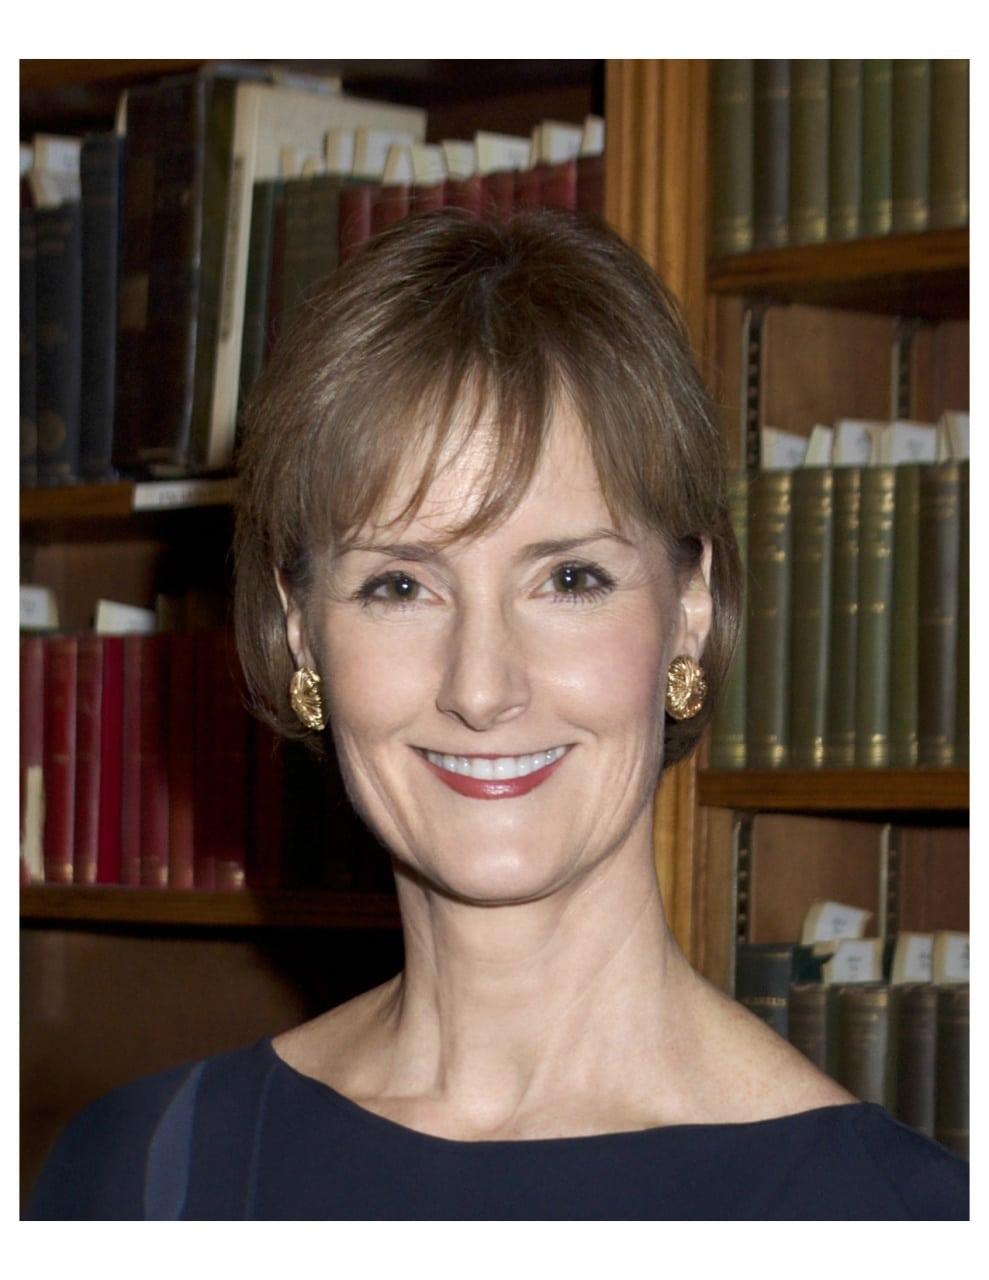 Kate Kelly Smith